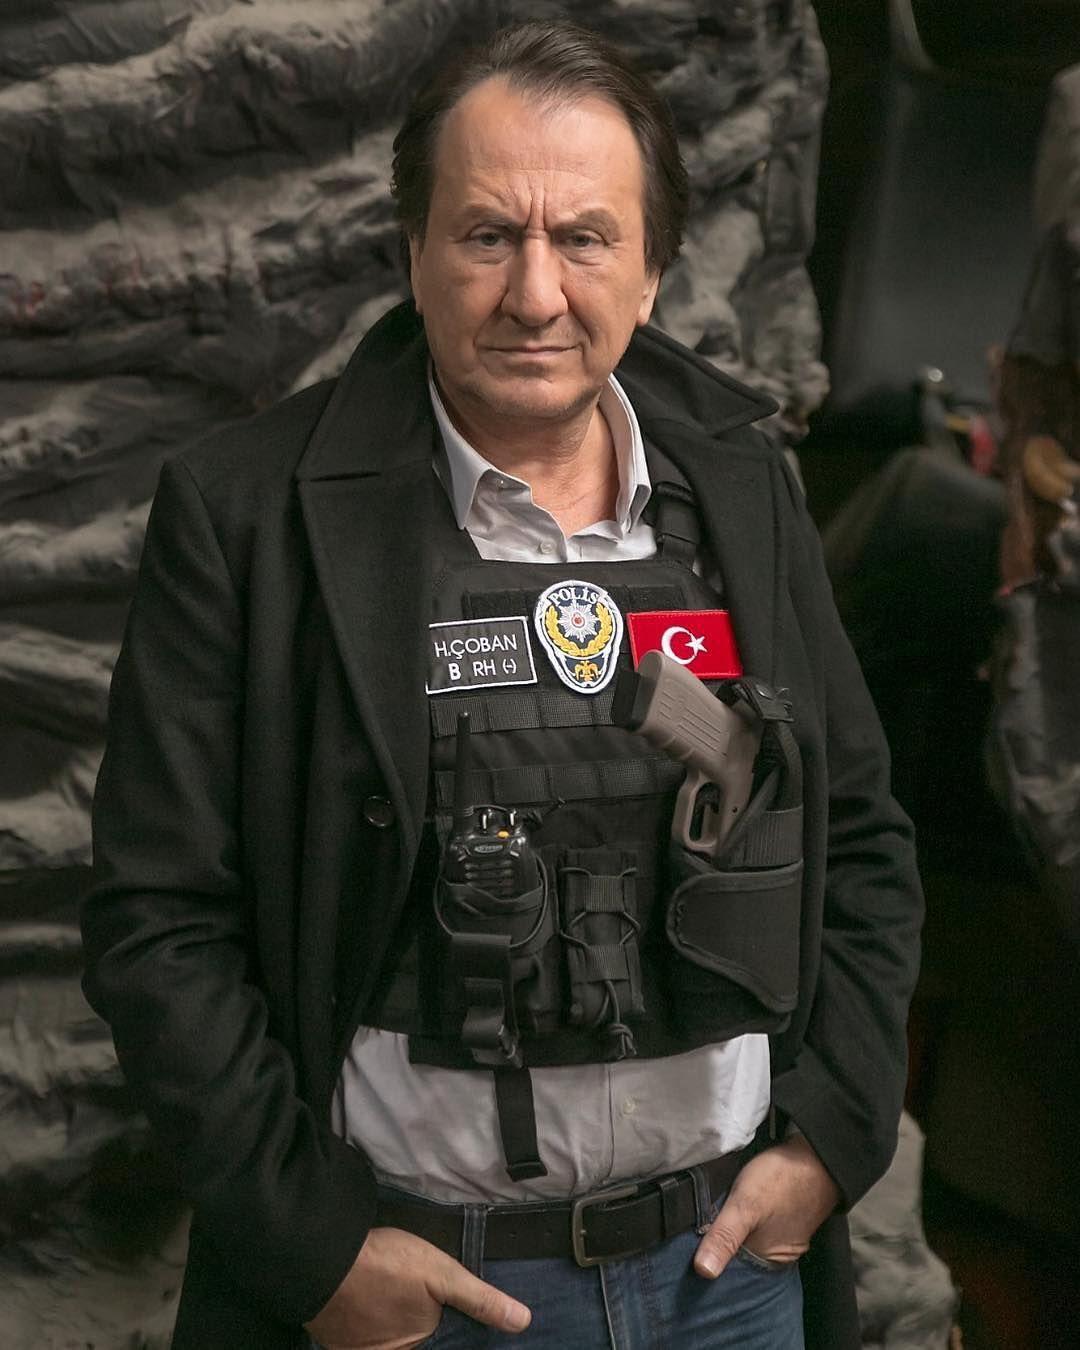 Arka Sokaklar Hüsnü Çoban öldü mü? Özgür Ozan yaşıyor mu? iddiaları sosyal medyayı karıştırdı!